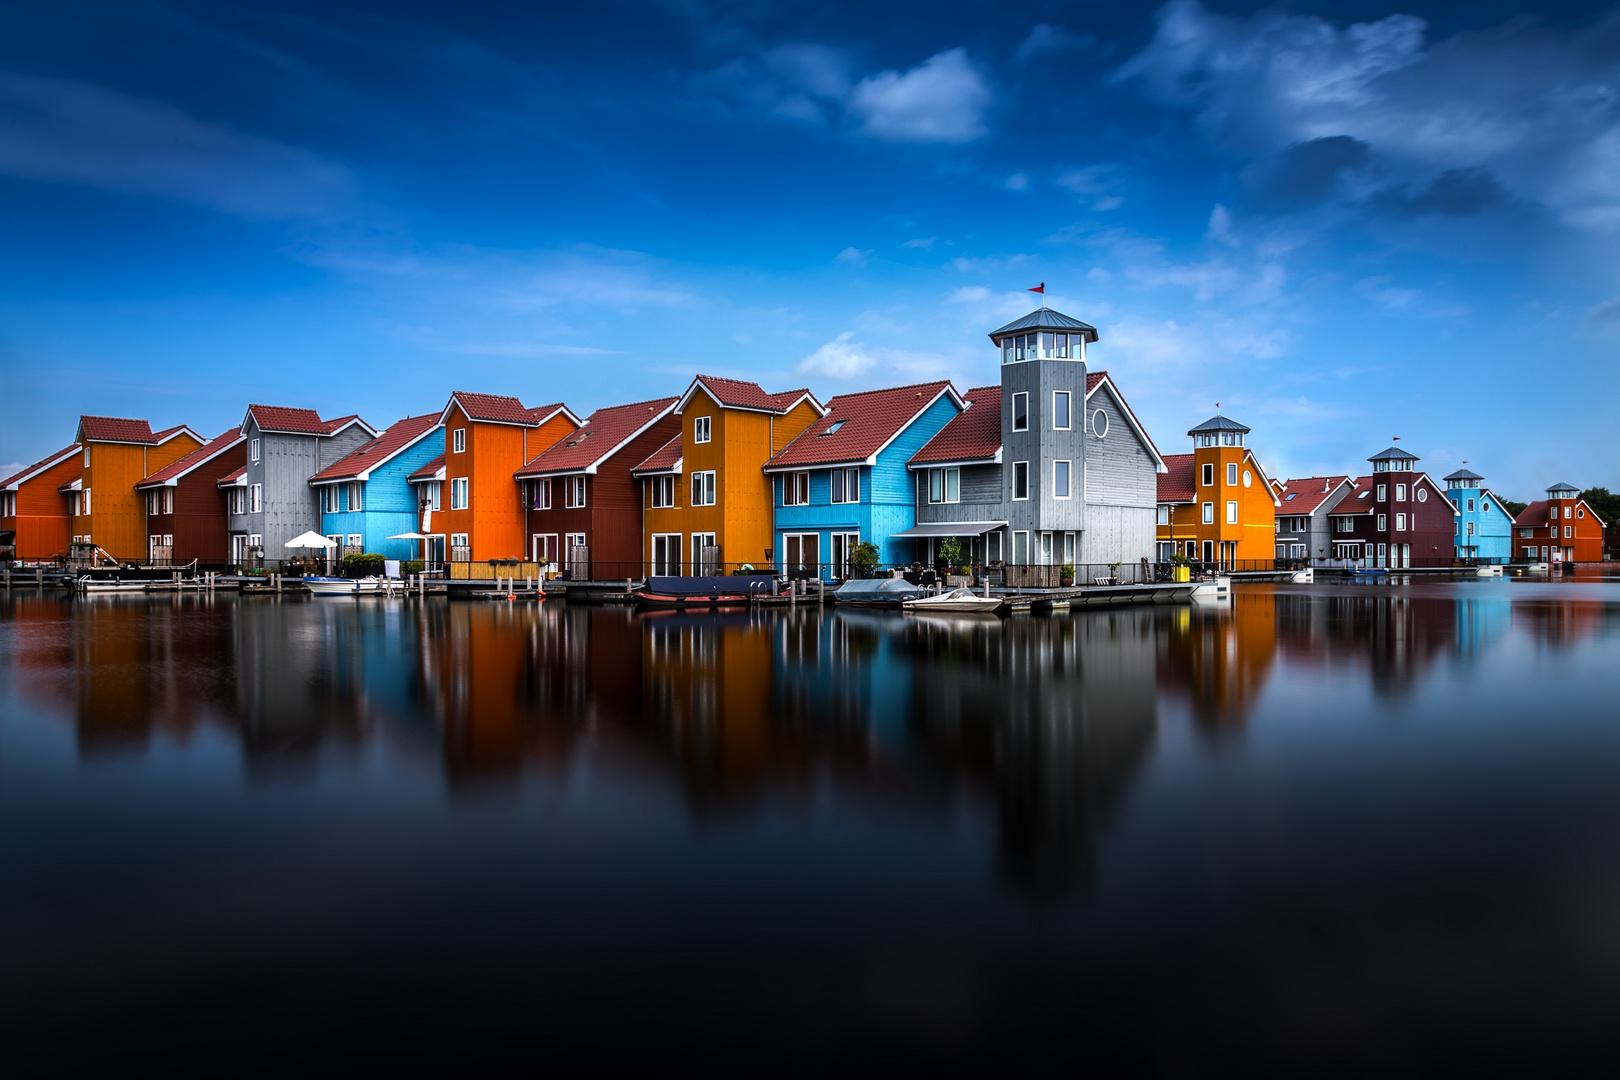 Reitdiephaven in Groningen, Holland